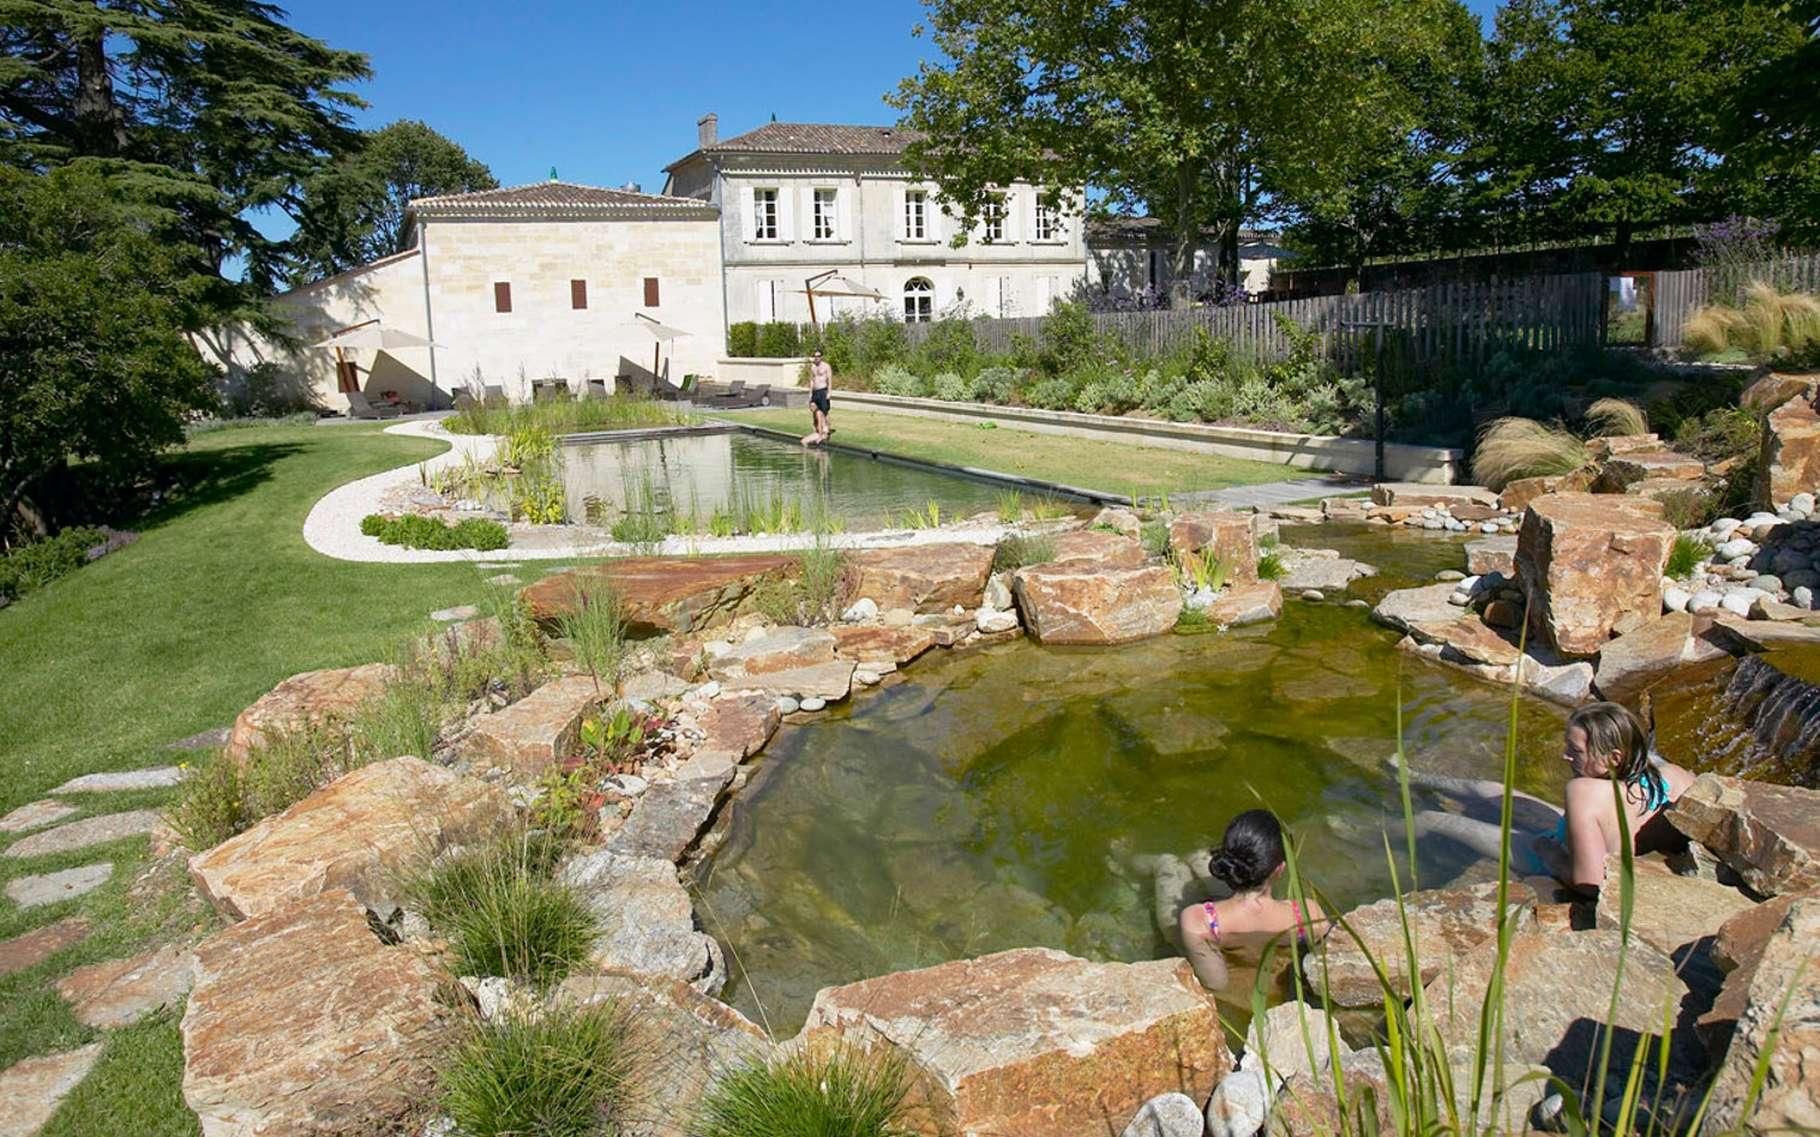 La piscine écologique du château Franc Mayne. © SunSD, Wikimedia Commons, CC by-sa 3.0